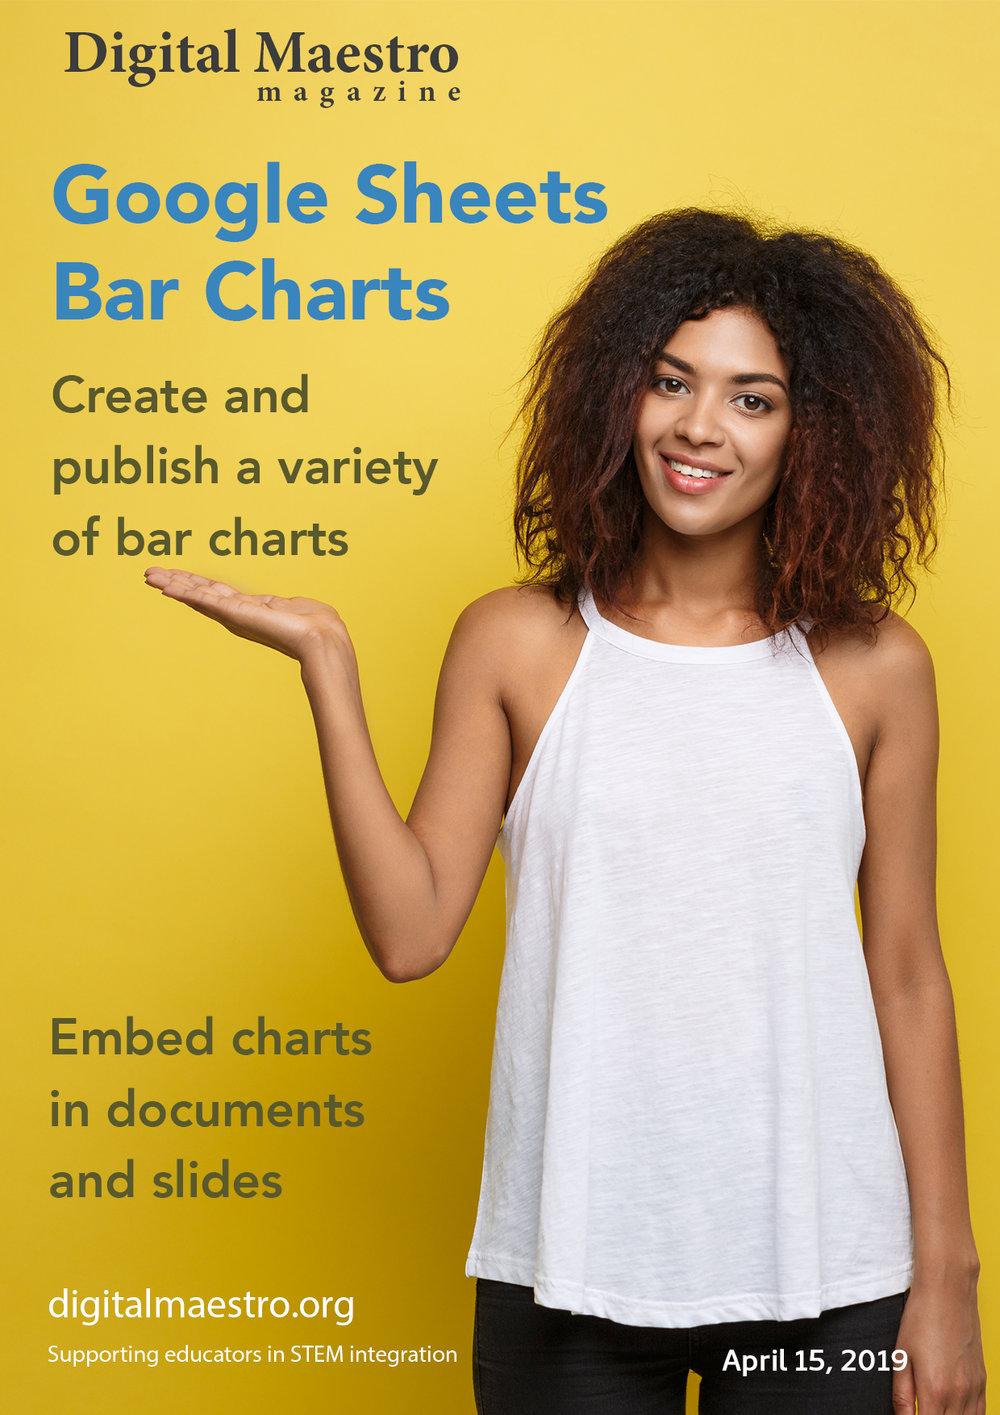 Bar Charts with Google Sheets - Create and publish a variety of bar charts